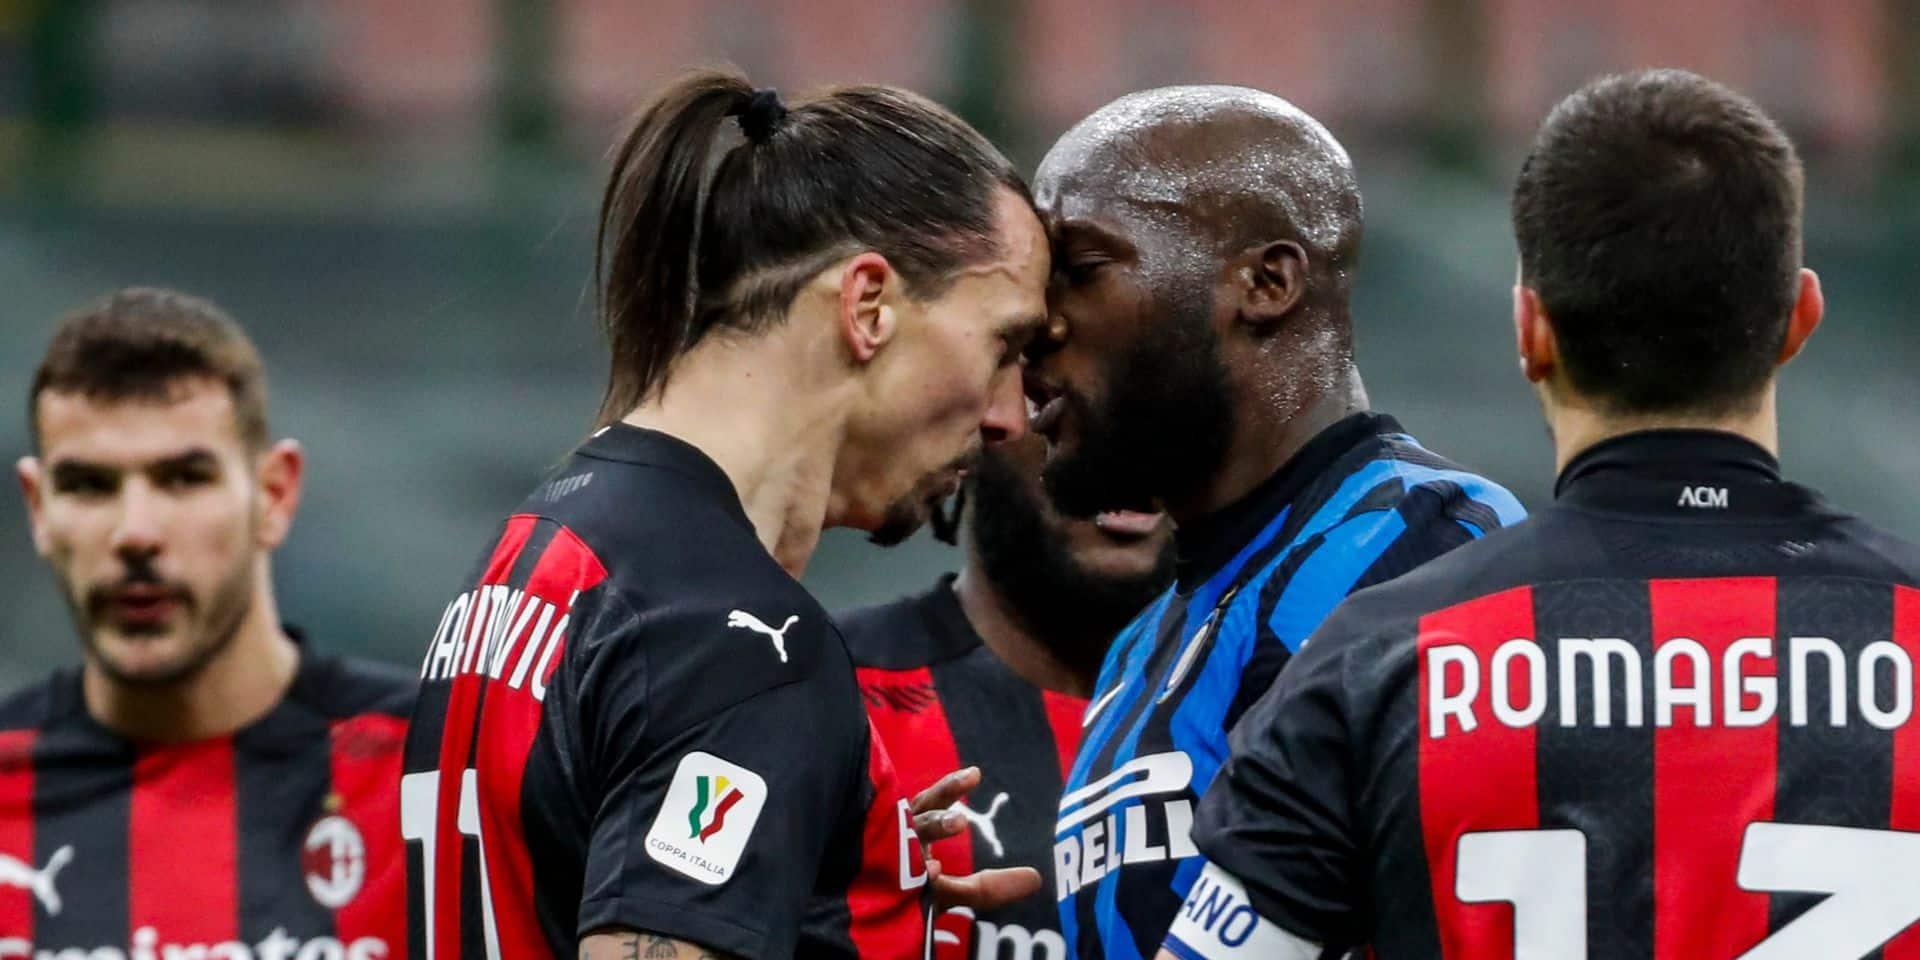 Lukaku et Ibrahimovic reçoivent une amende après leur altercation en Coupe